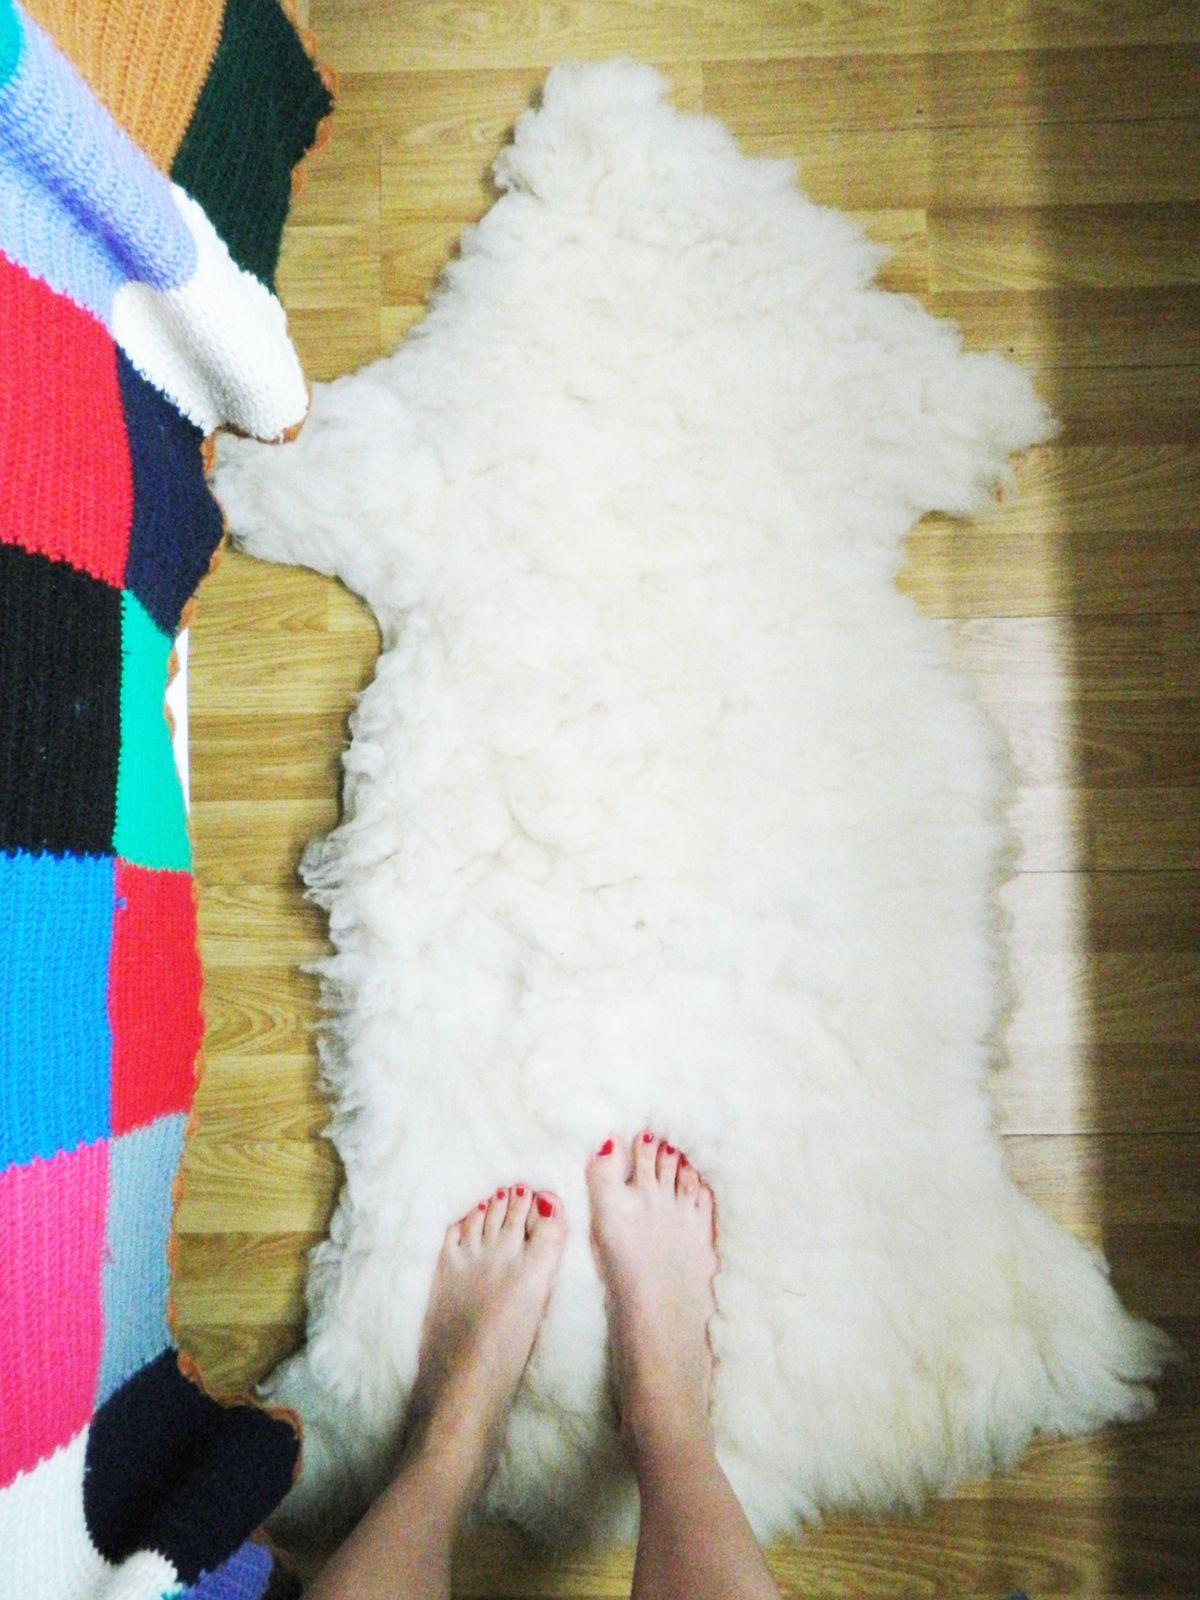 Un tapis en peau de mouton (en général je suis contre la fourrure mais le fait est que la Tunisie consomme beaucoup de moutons, spécialement pendant les fêtes religieuses, et les animaux ne sont donc absolument pas tués pour leur fourrure mais pour la consommation.)